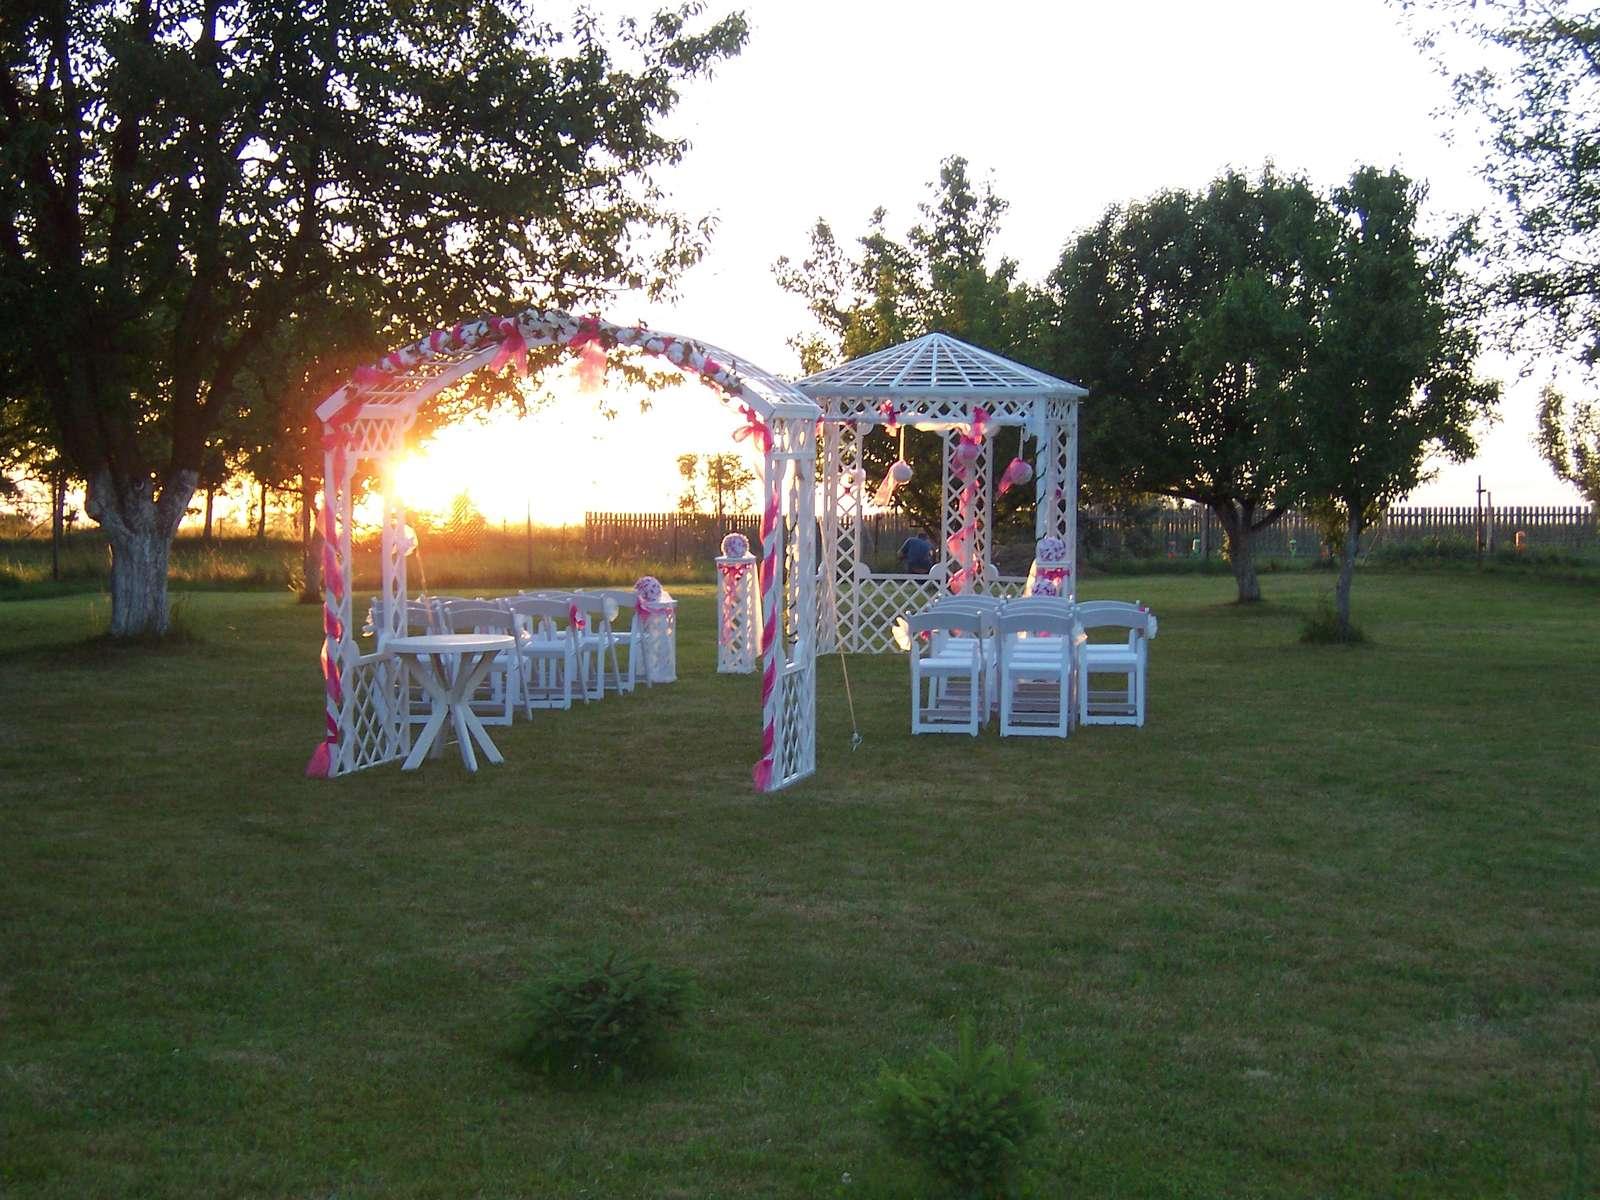 Půjčení svatebního altánu - Obrázek č. 2